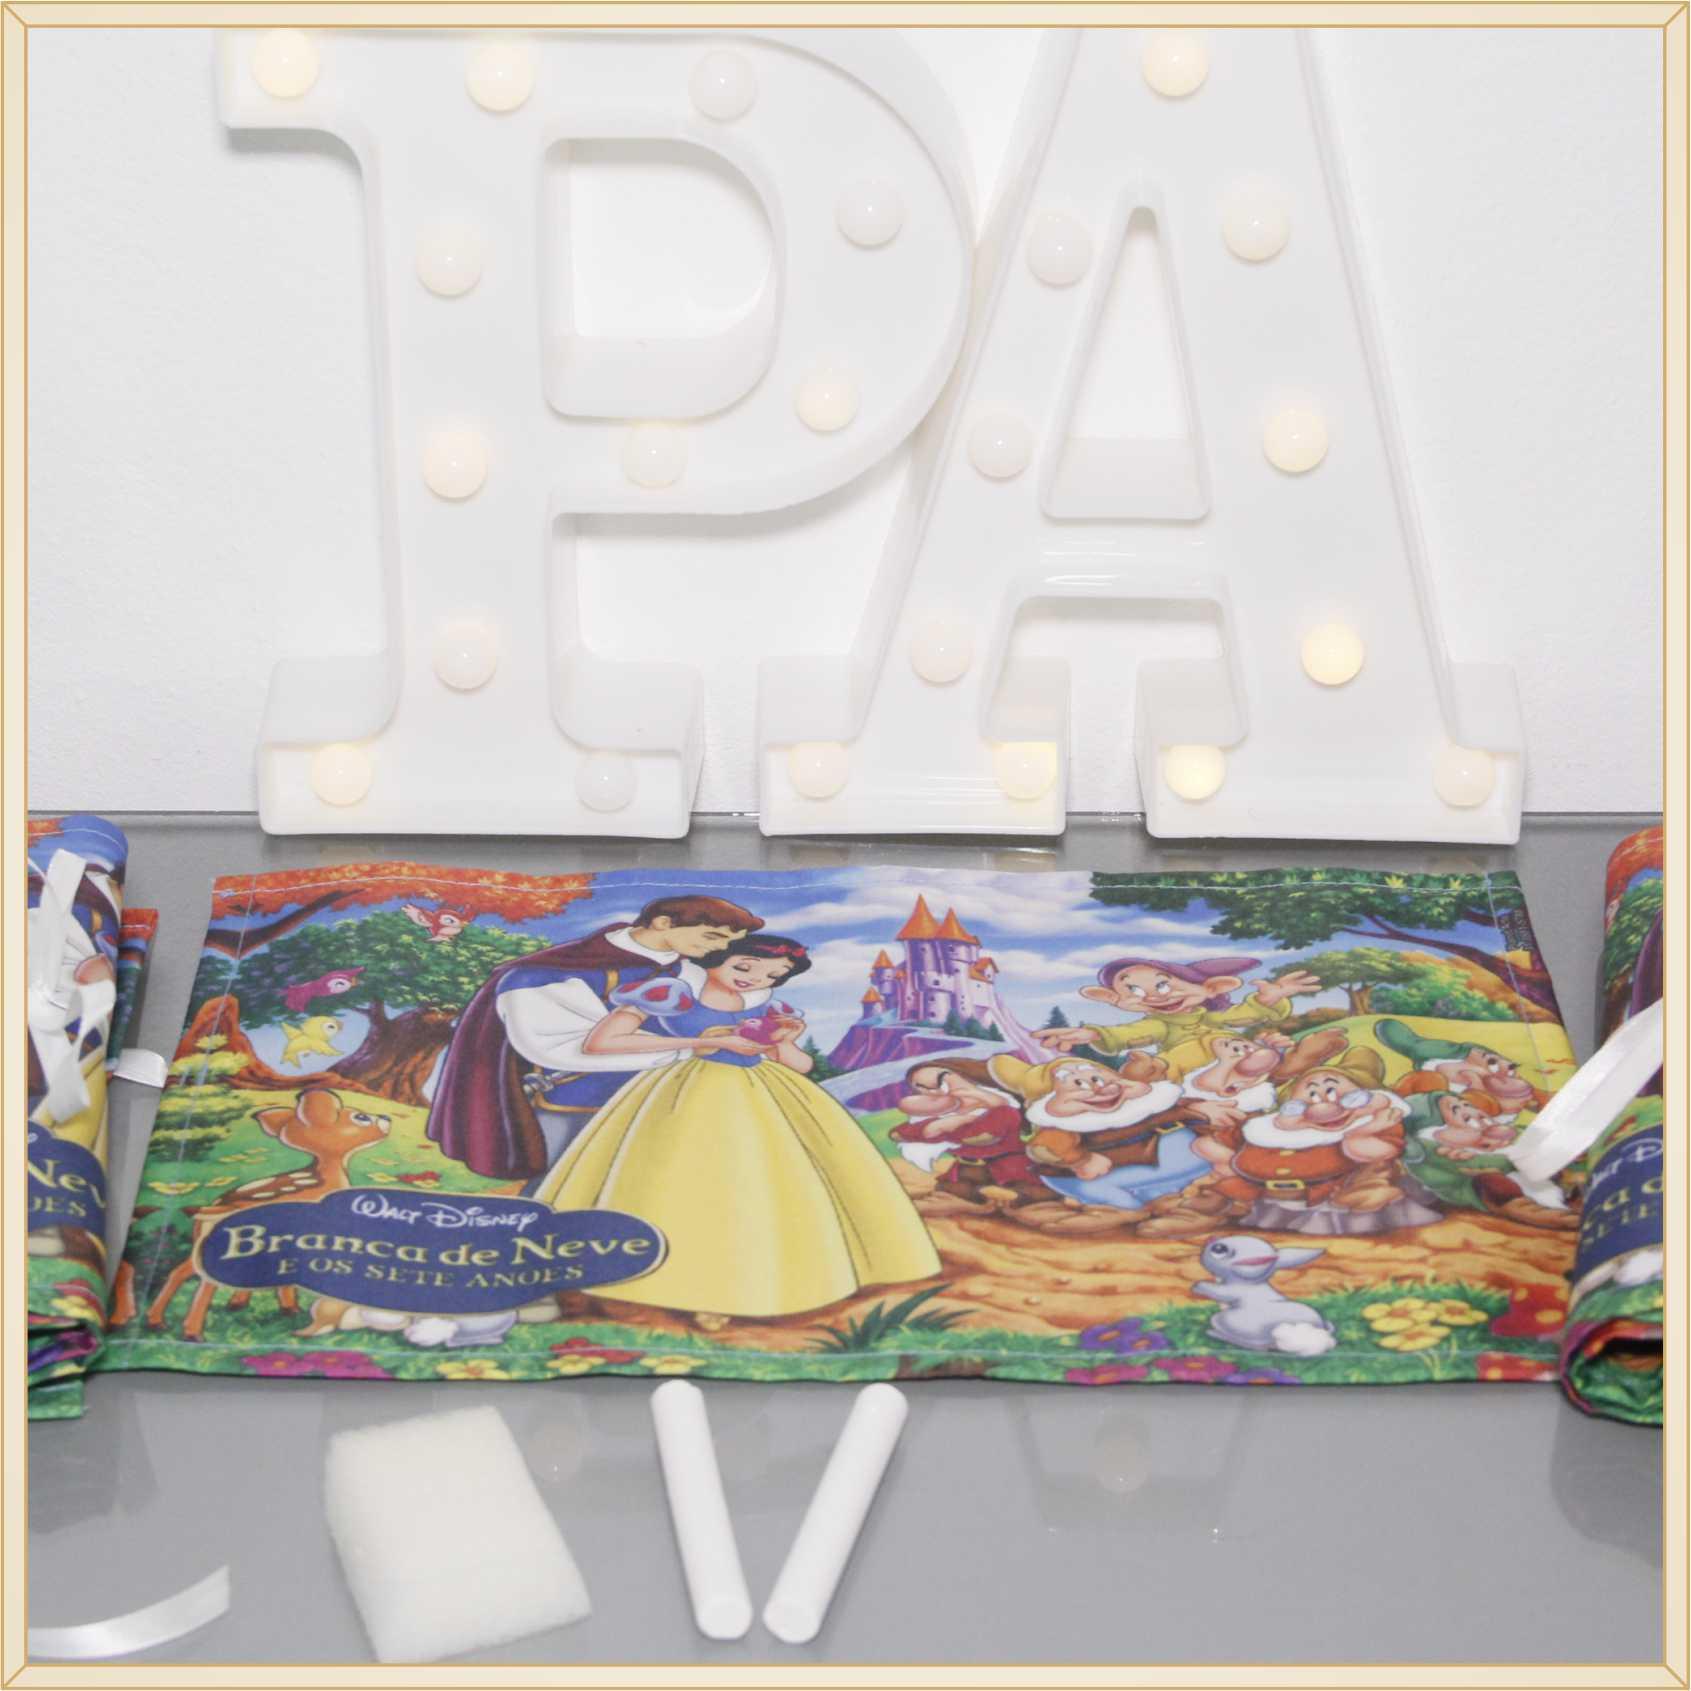 Lousa Portátil Personalizadas Lembrancinhas de Aniversário infantil Brindes para crianças - Kit com 15 unidades